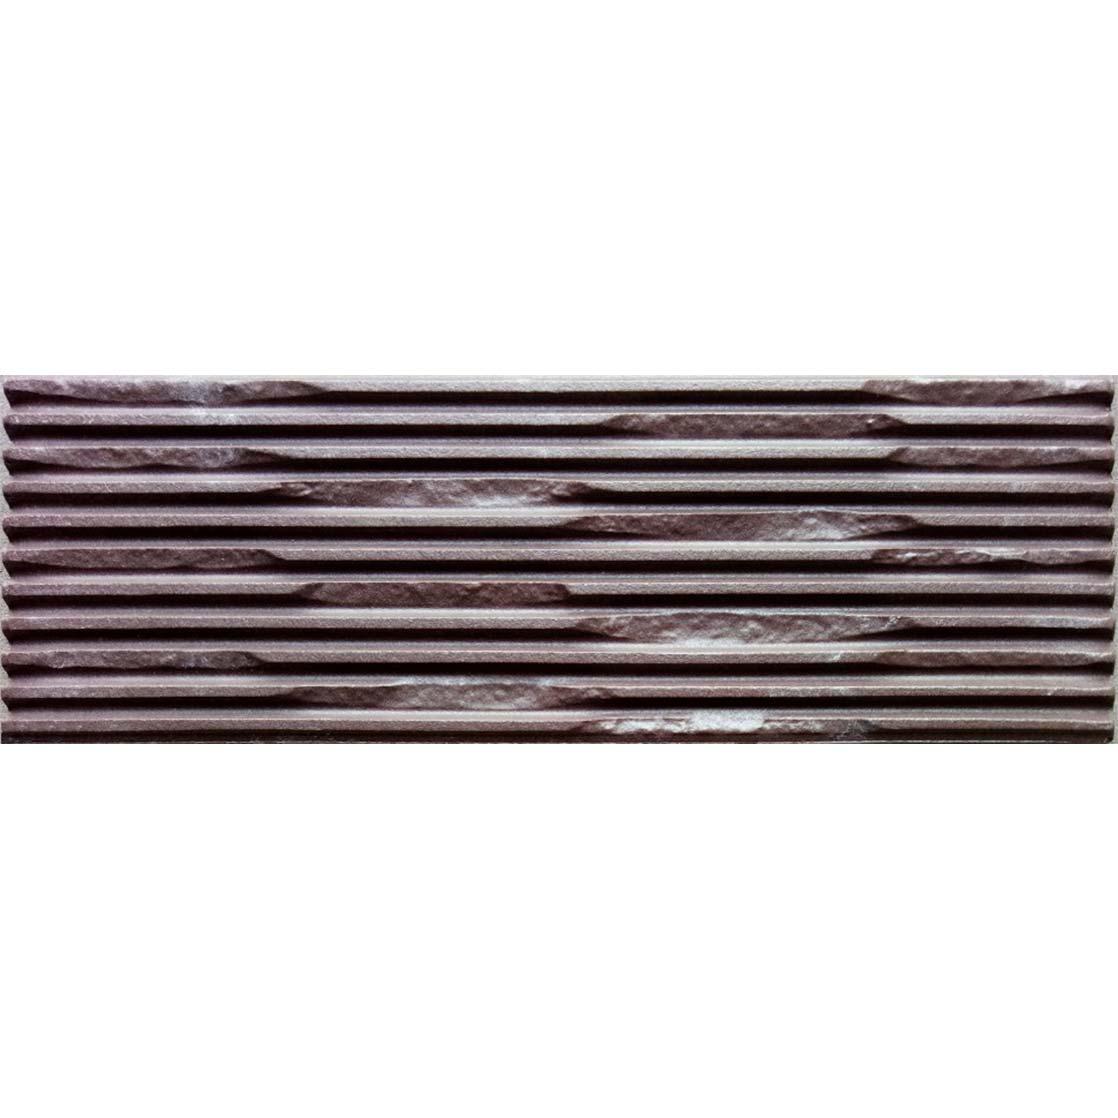 Gạch thẻ trang trí Viglacera CL1301 giá rẻ